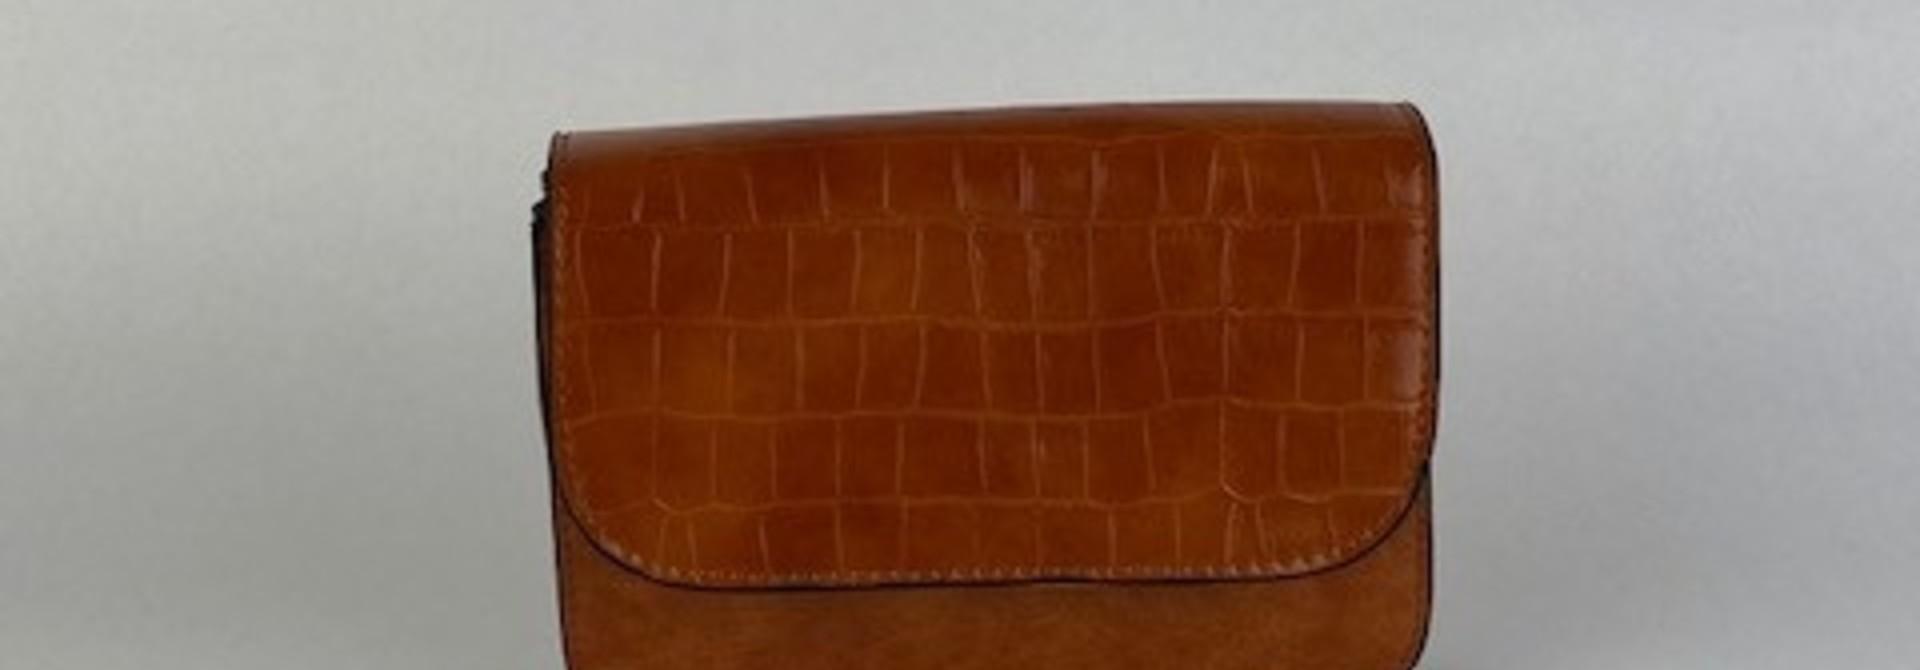 Hailey croco bag Camel